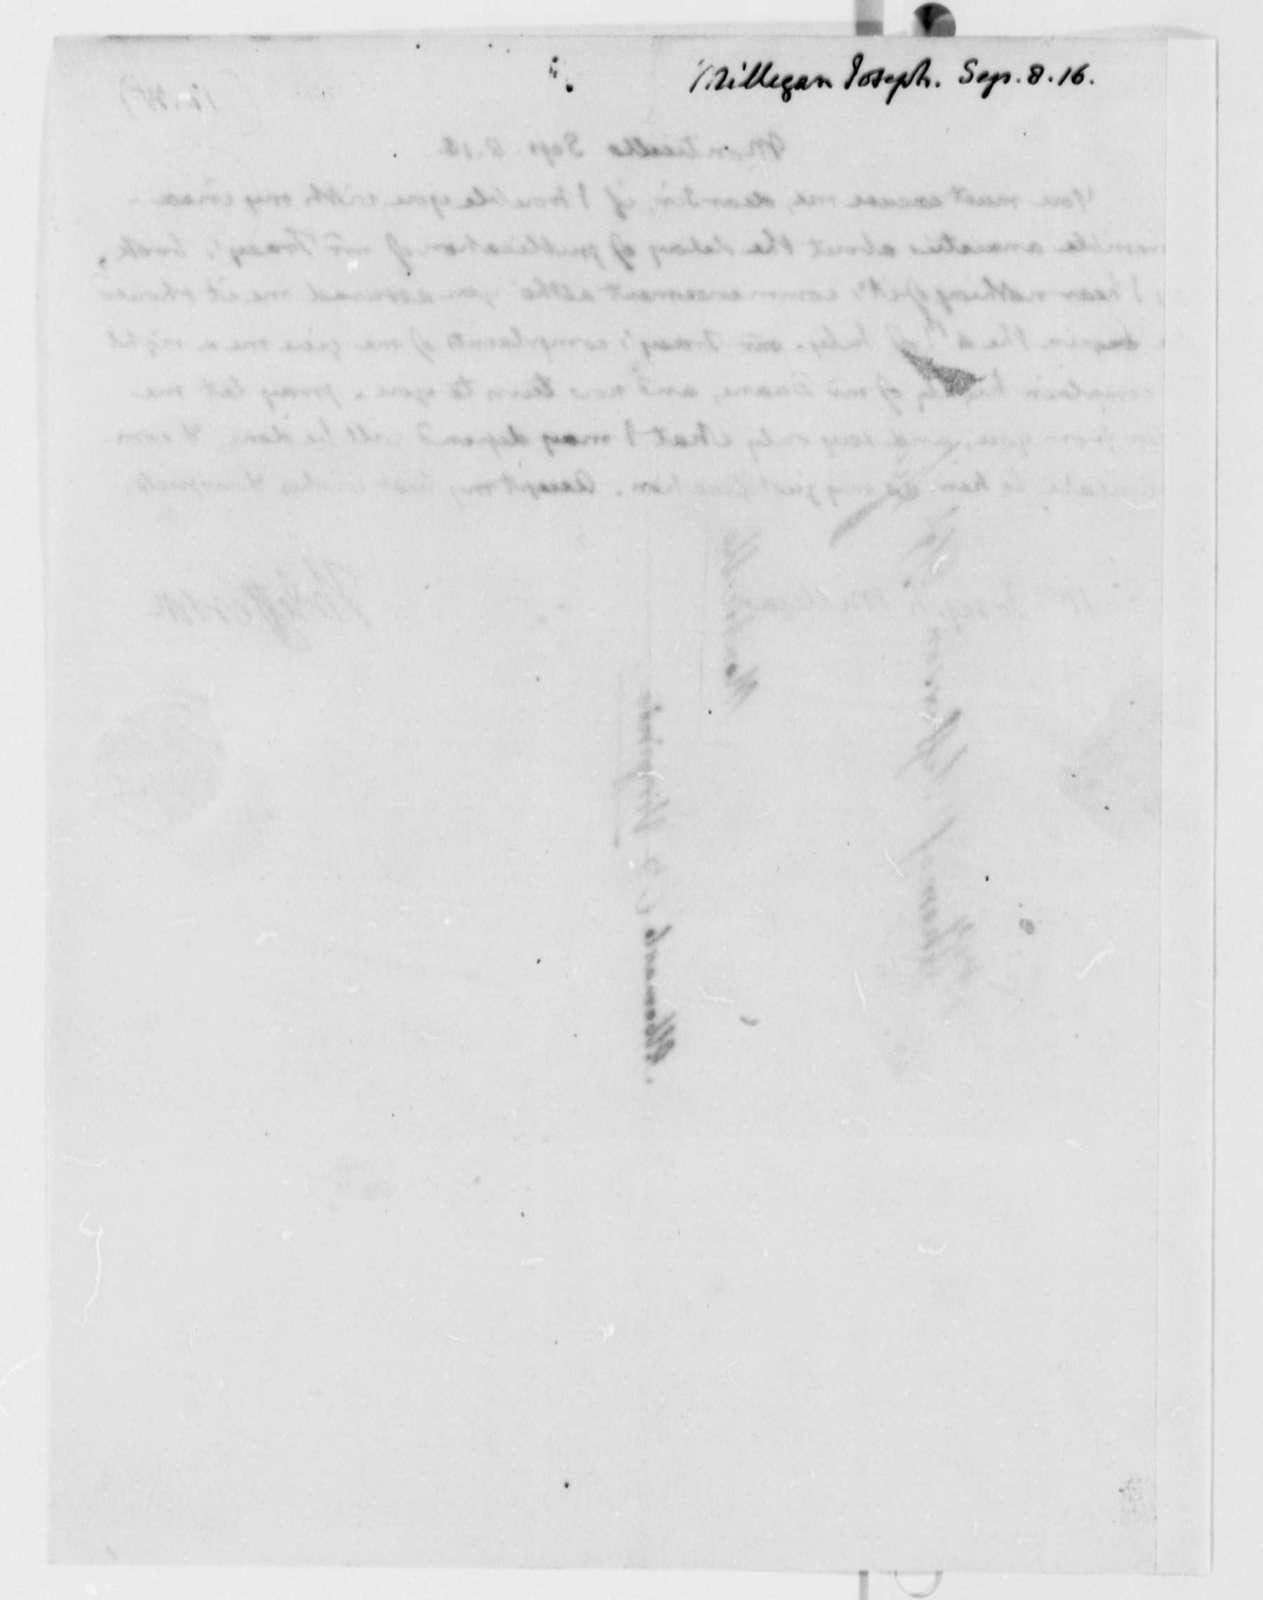 Thomas Jefferson to Joseph Milligan, September 8, 1816